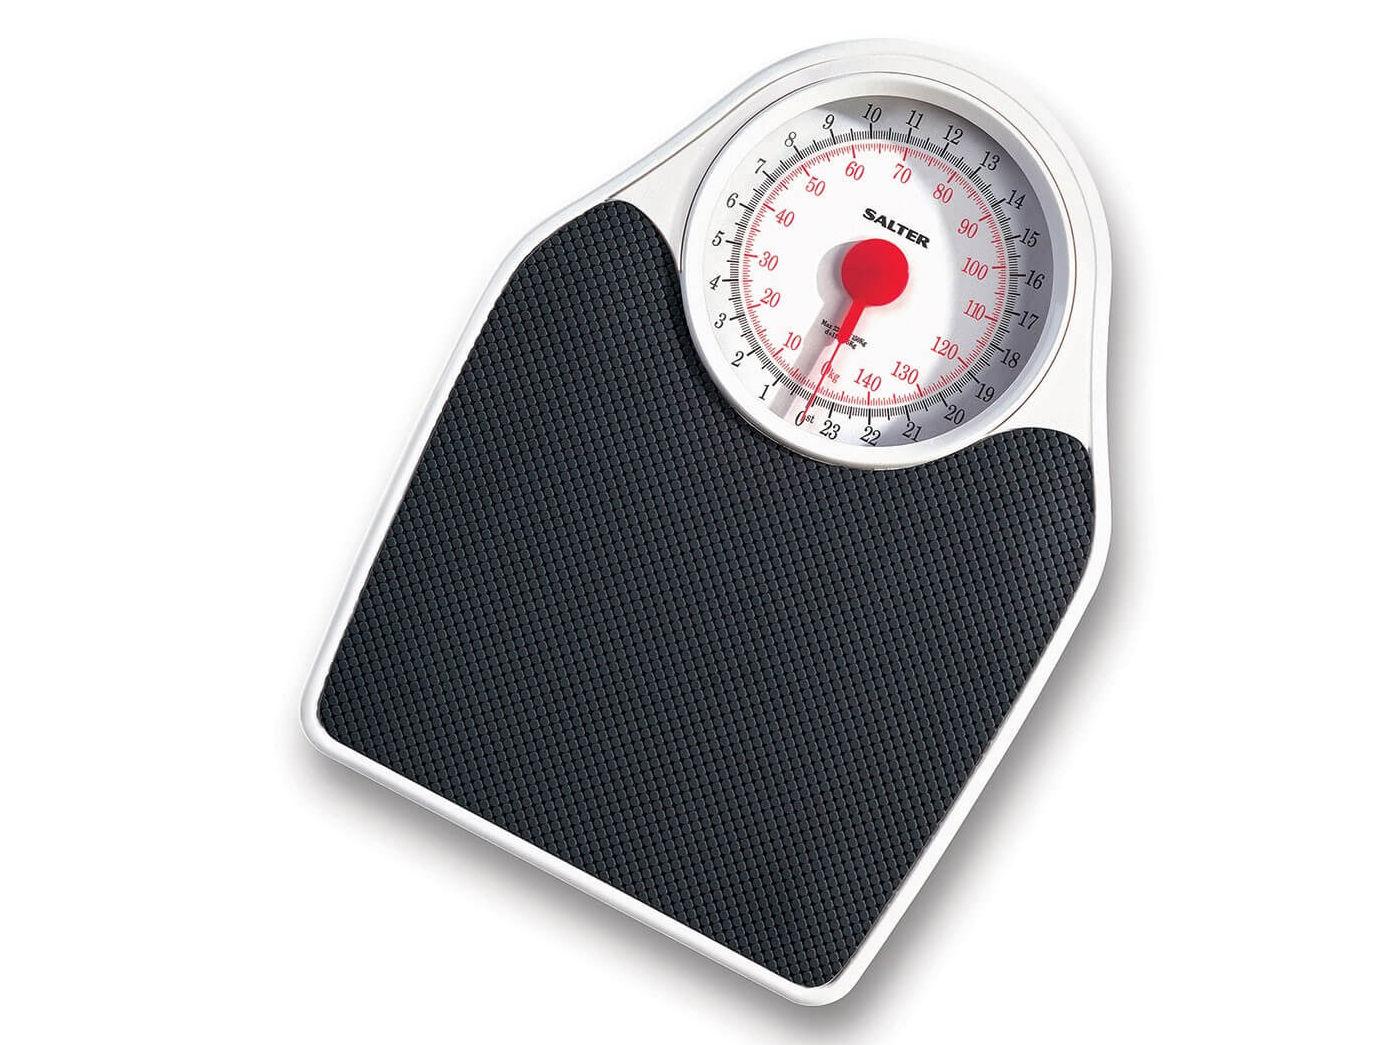 Cân sức khỏe cơ học Salter 145 BKDR